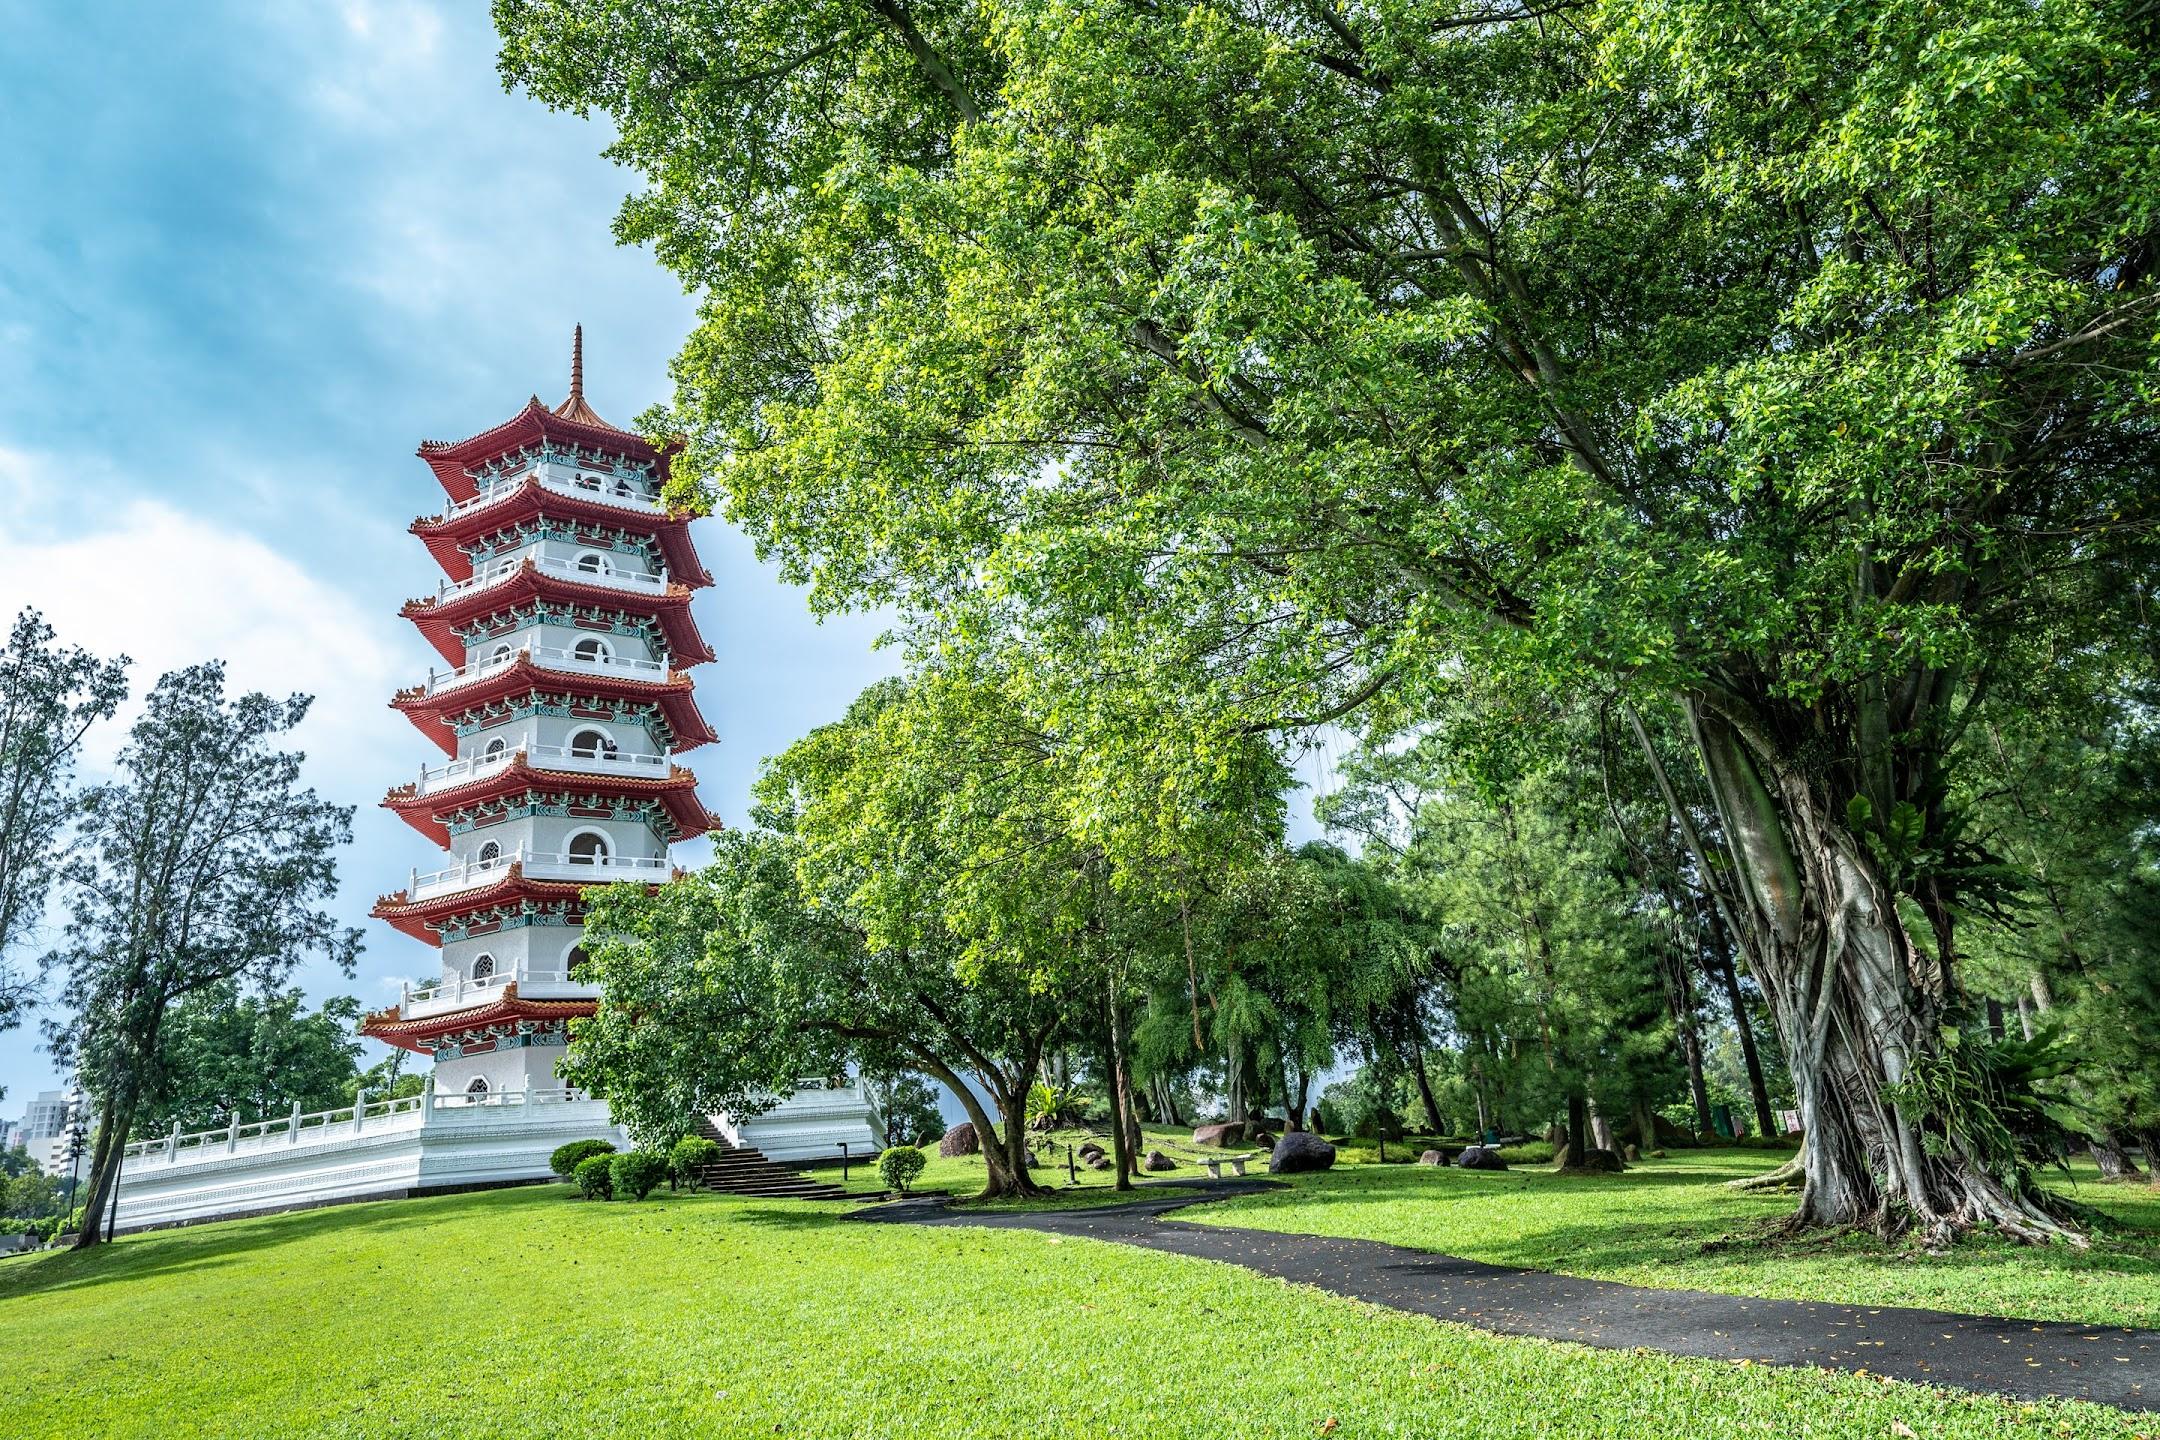 シンガポール チャイニーズ・ガーデン (Chinese Garden) 1